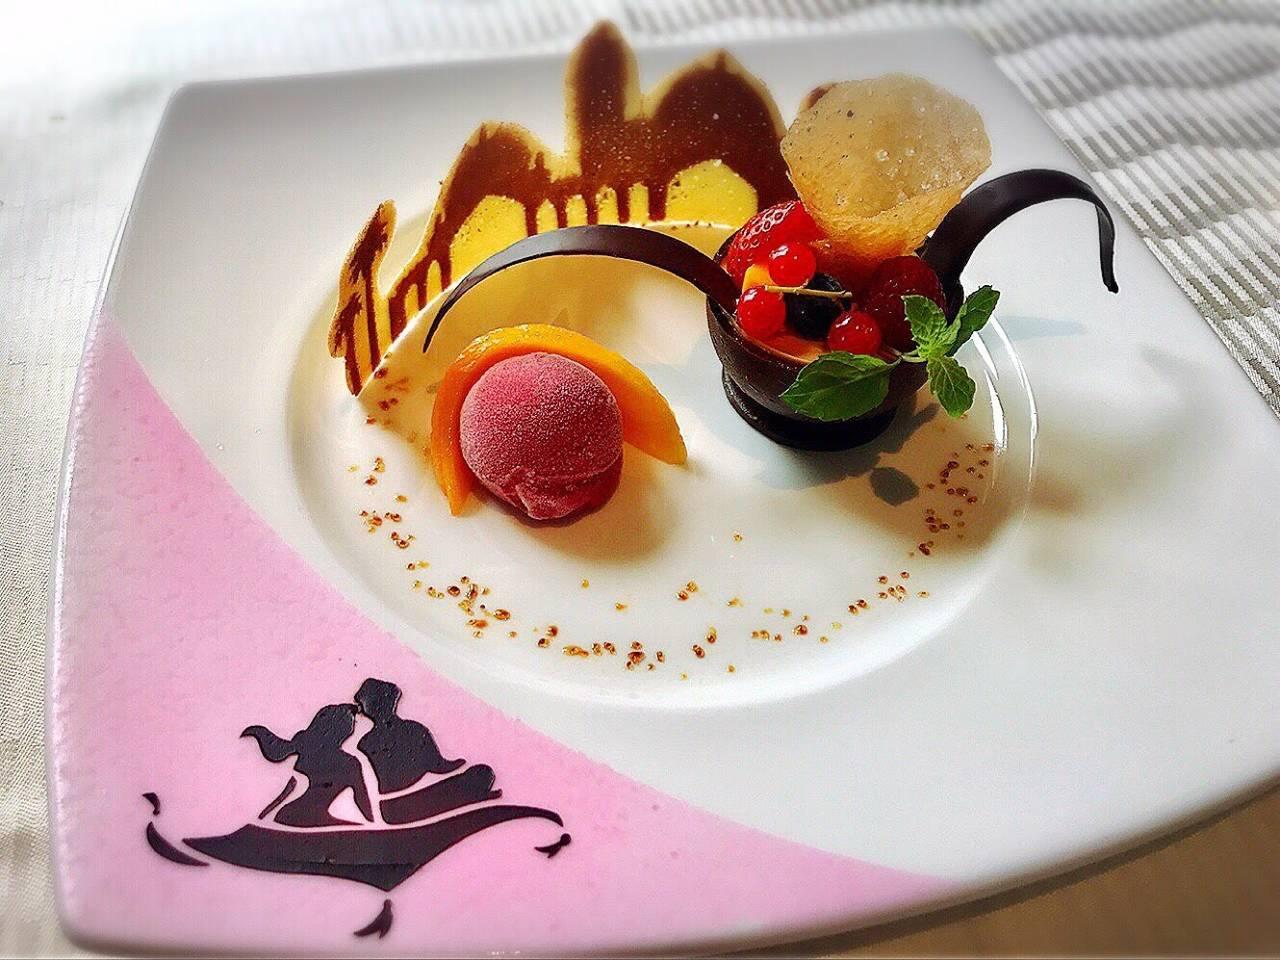 ミラコスタでは、ひとりあたり 15,700円〜26,000円(税込)の コース料理が用意されています(^ω^) 結婚式